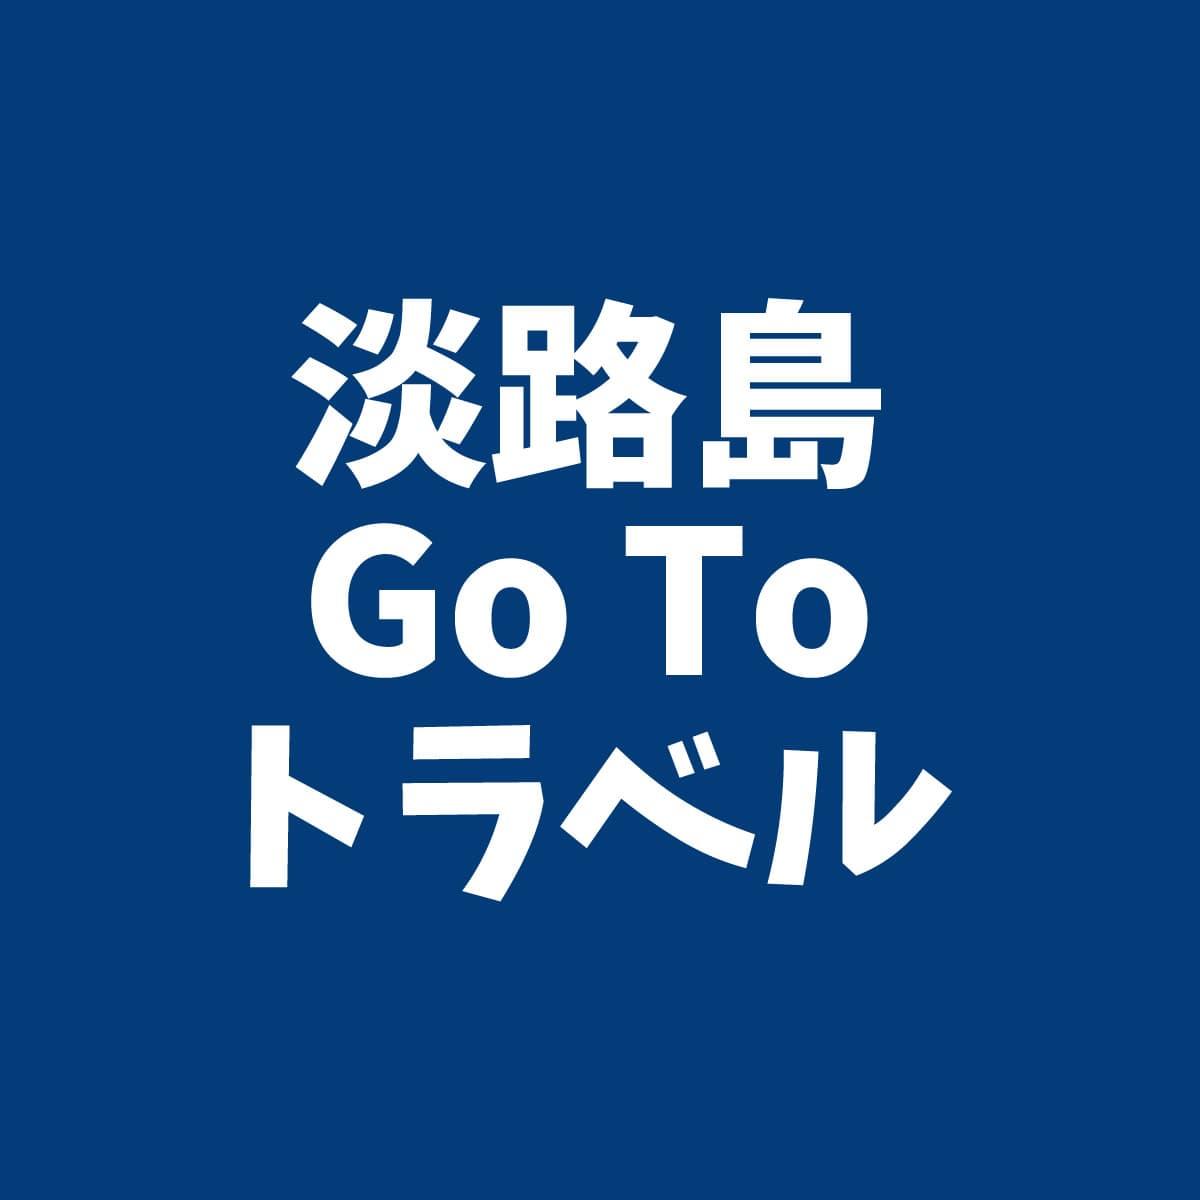 淡路島GoToトラベルキャンペーン